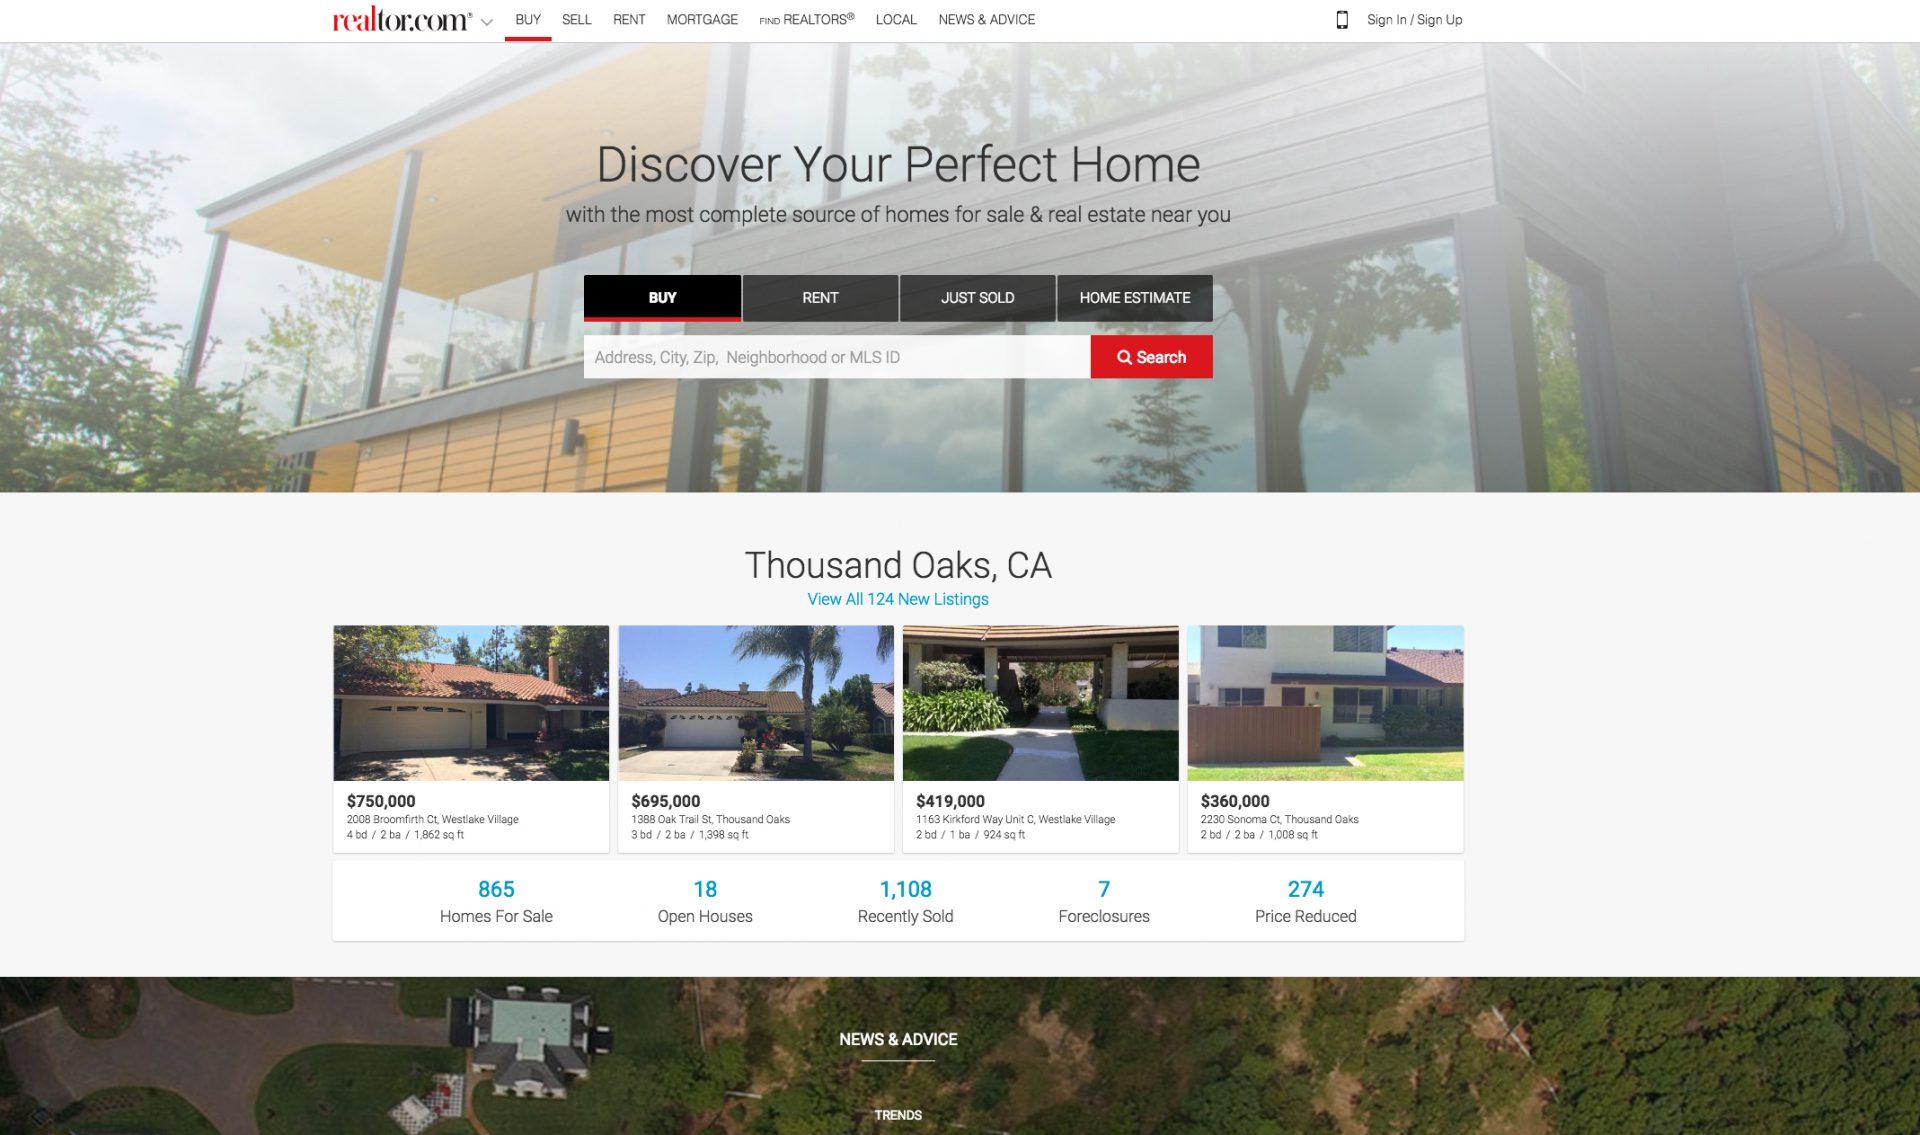 Por qué una web inmobiliaria necesita un CRM operativo y profesional